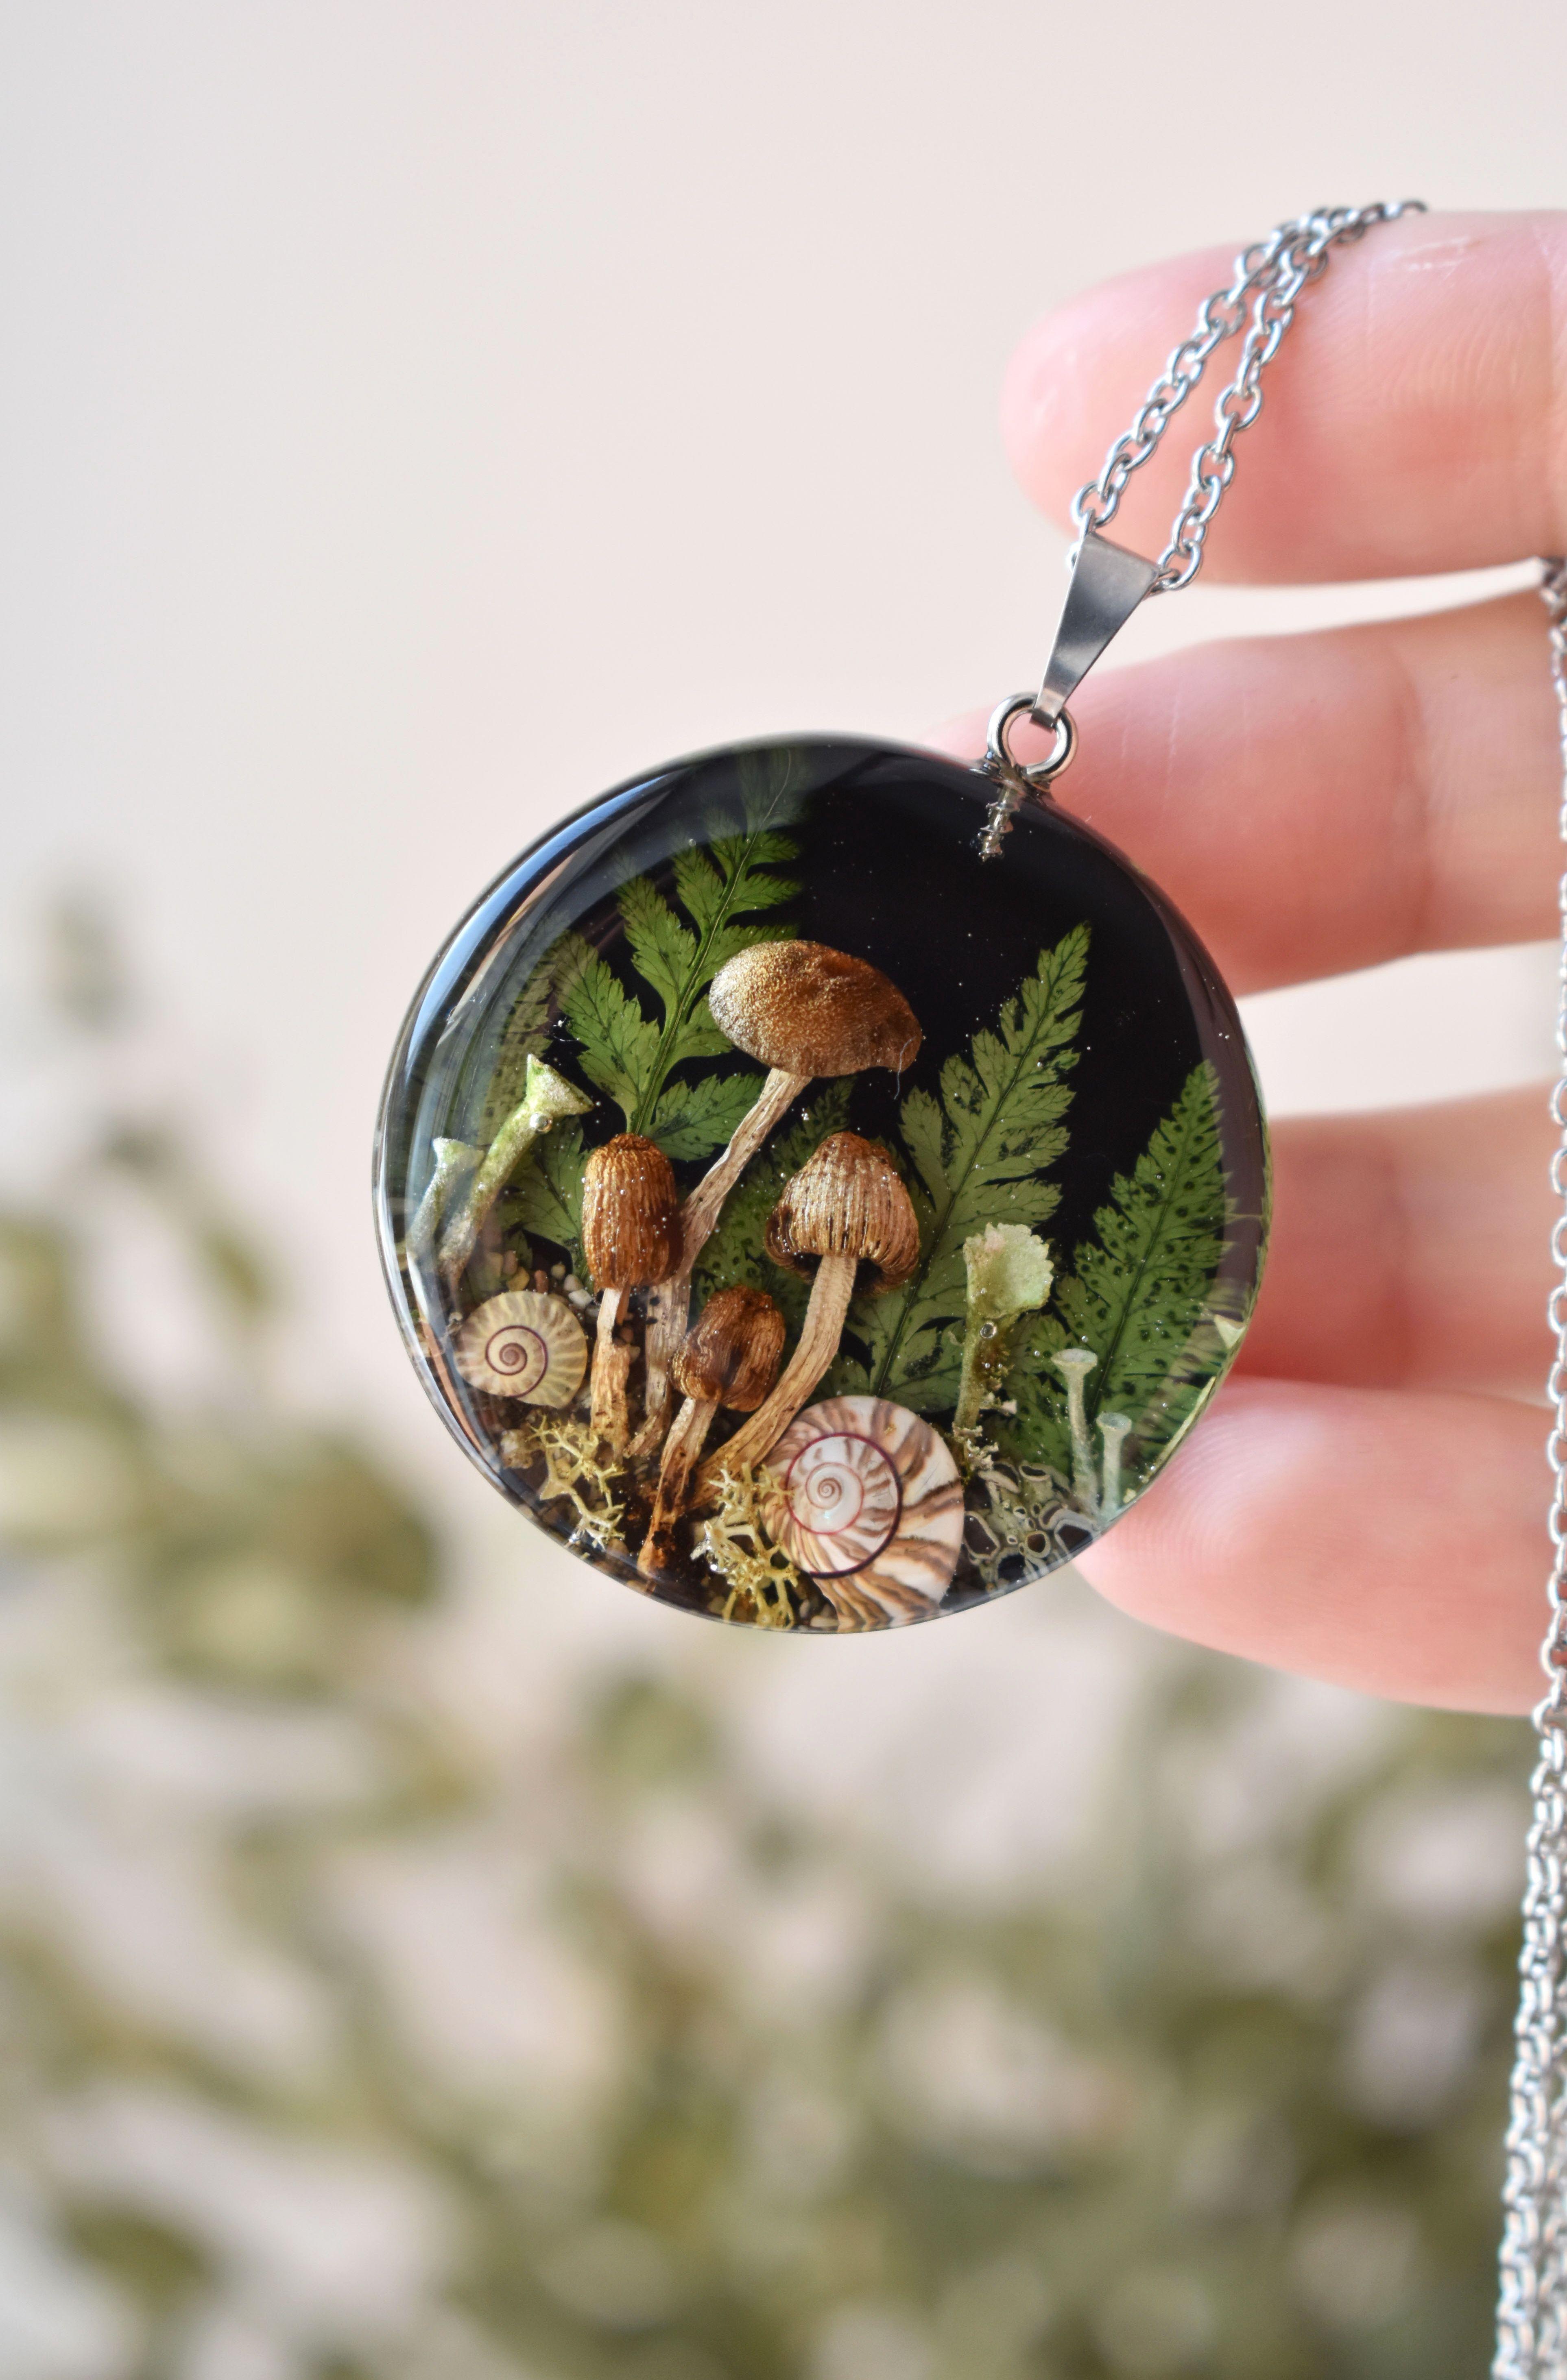 Forest Jewelry Porcelain Mushroom Earrings Porcelain Mushroom Pendant Porcelain /& Macrame Jewelry Forest Necklace Porcelain Jewelry Set